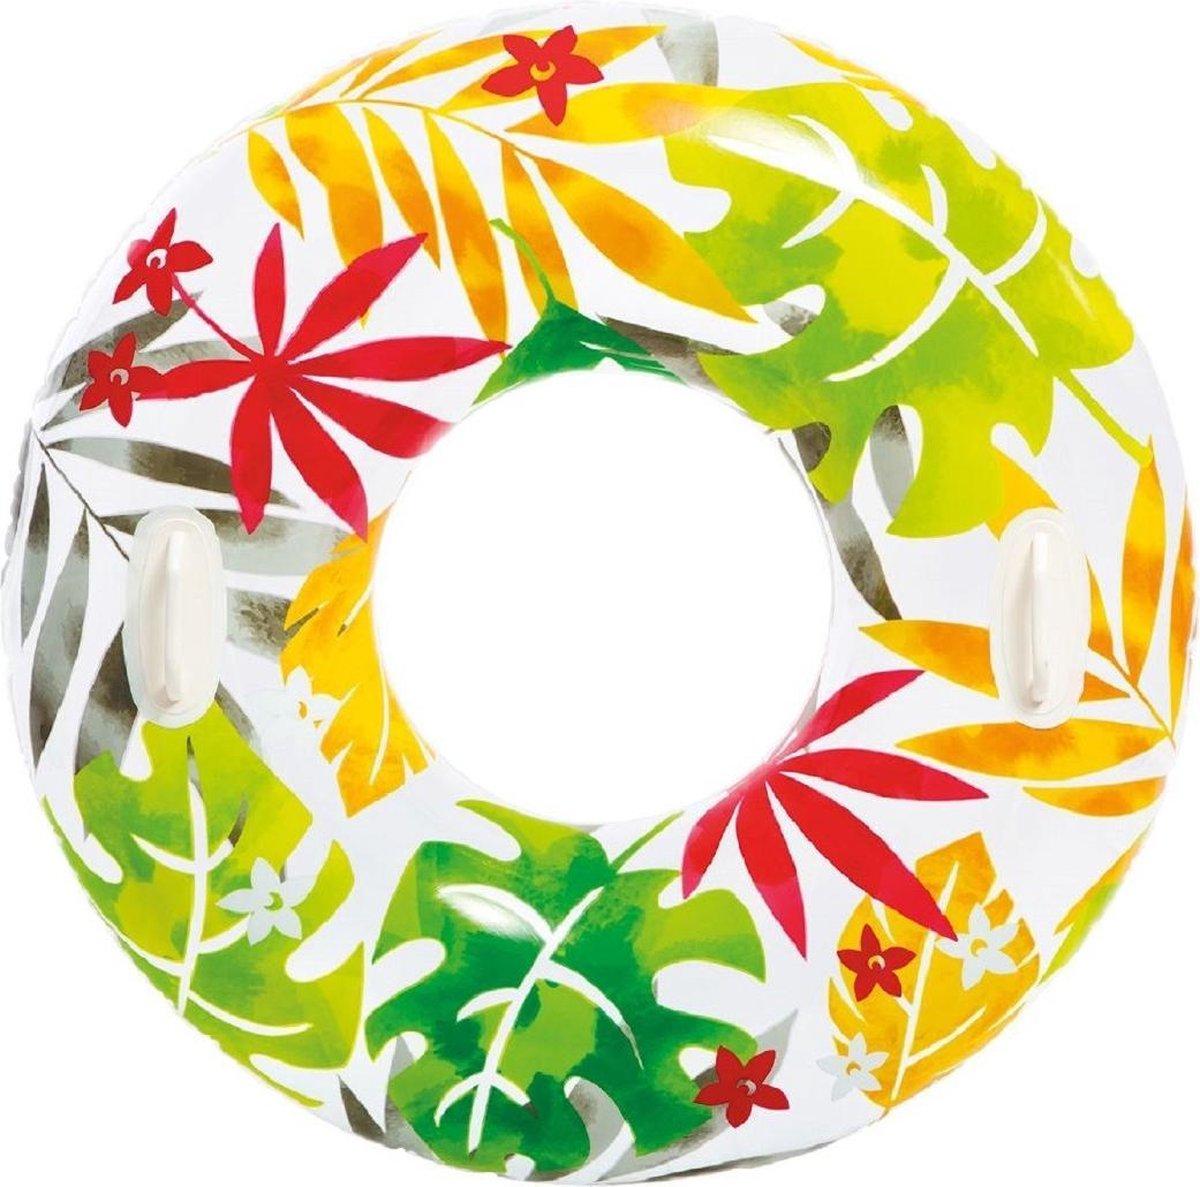 Opblaasbare bladeren zwemband/zwemring 97 cm - Zwembenodigdheden - Zwemringen - Tropisch thema - Blad zwembanden voor kinderen en volwassenen